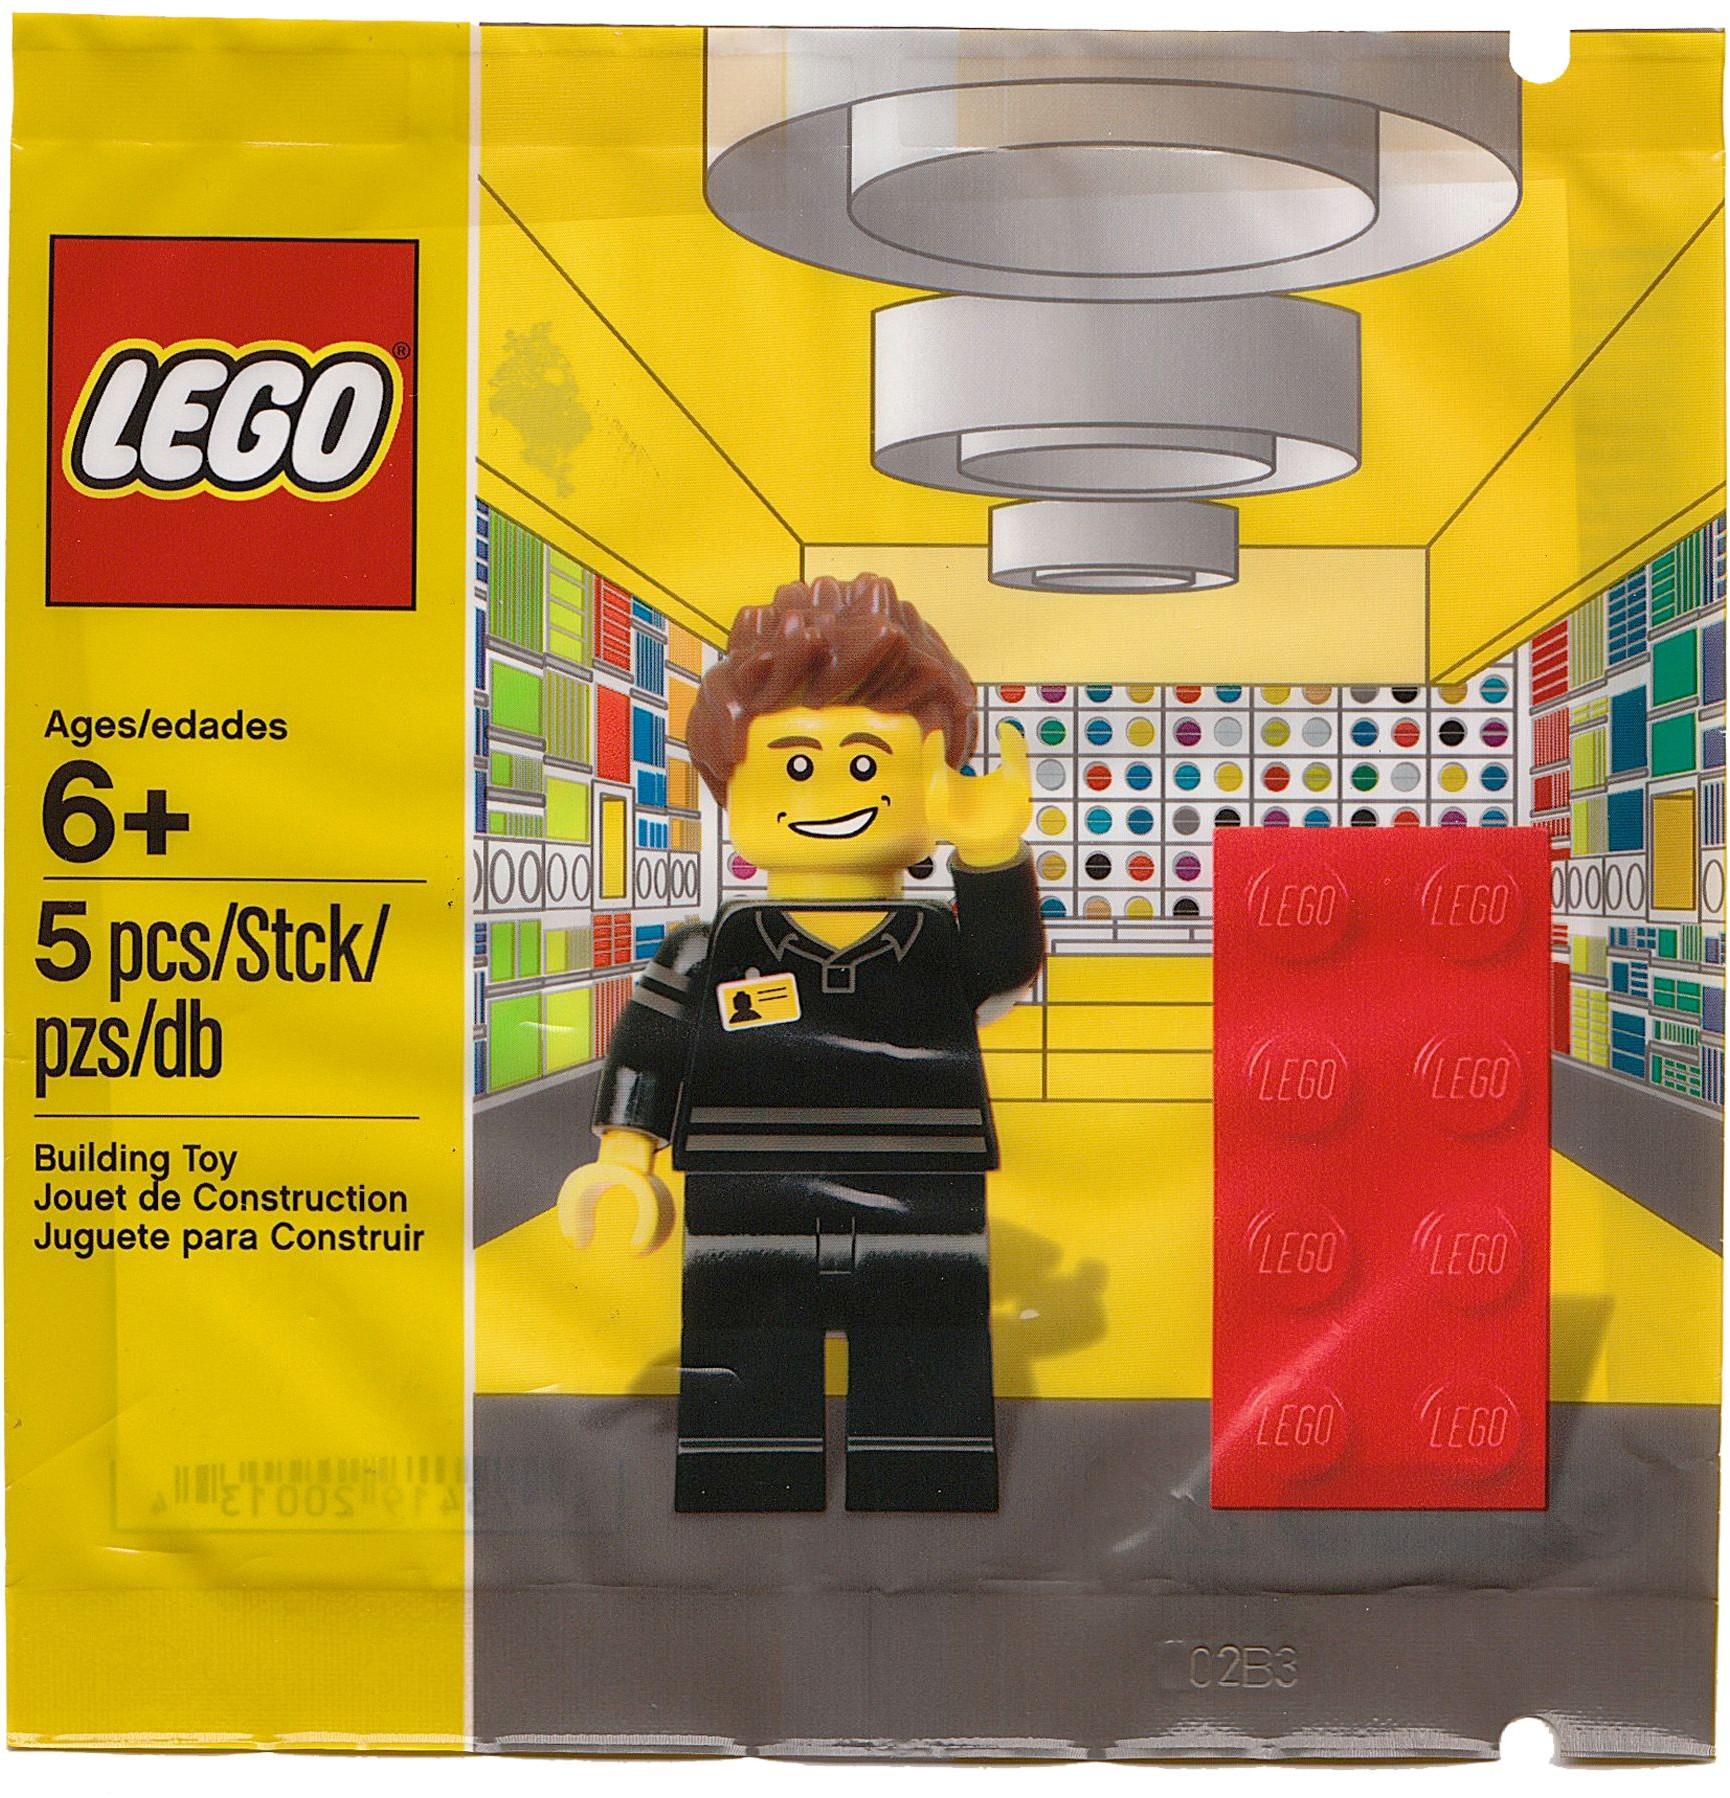 LEGO 5001622 - Polybag - LEGO store employee